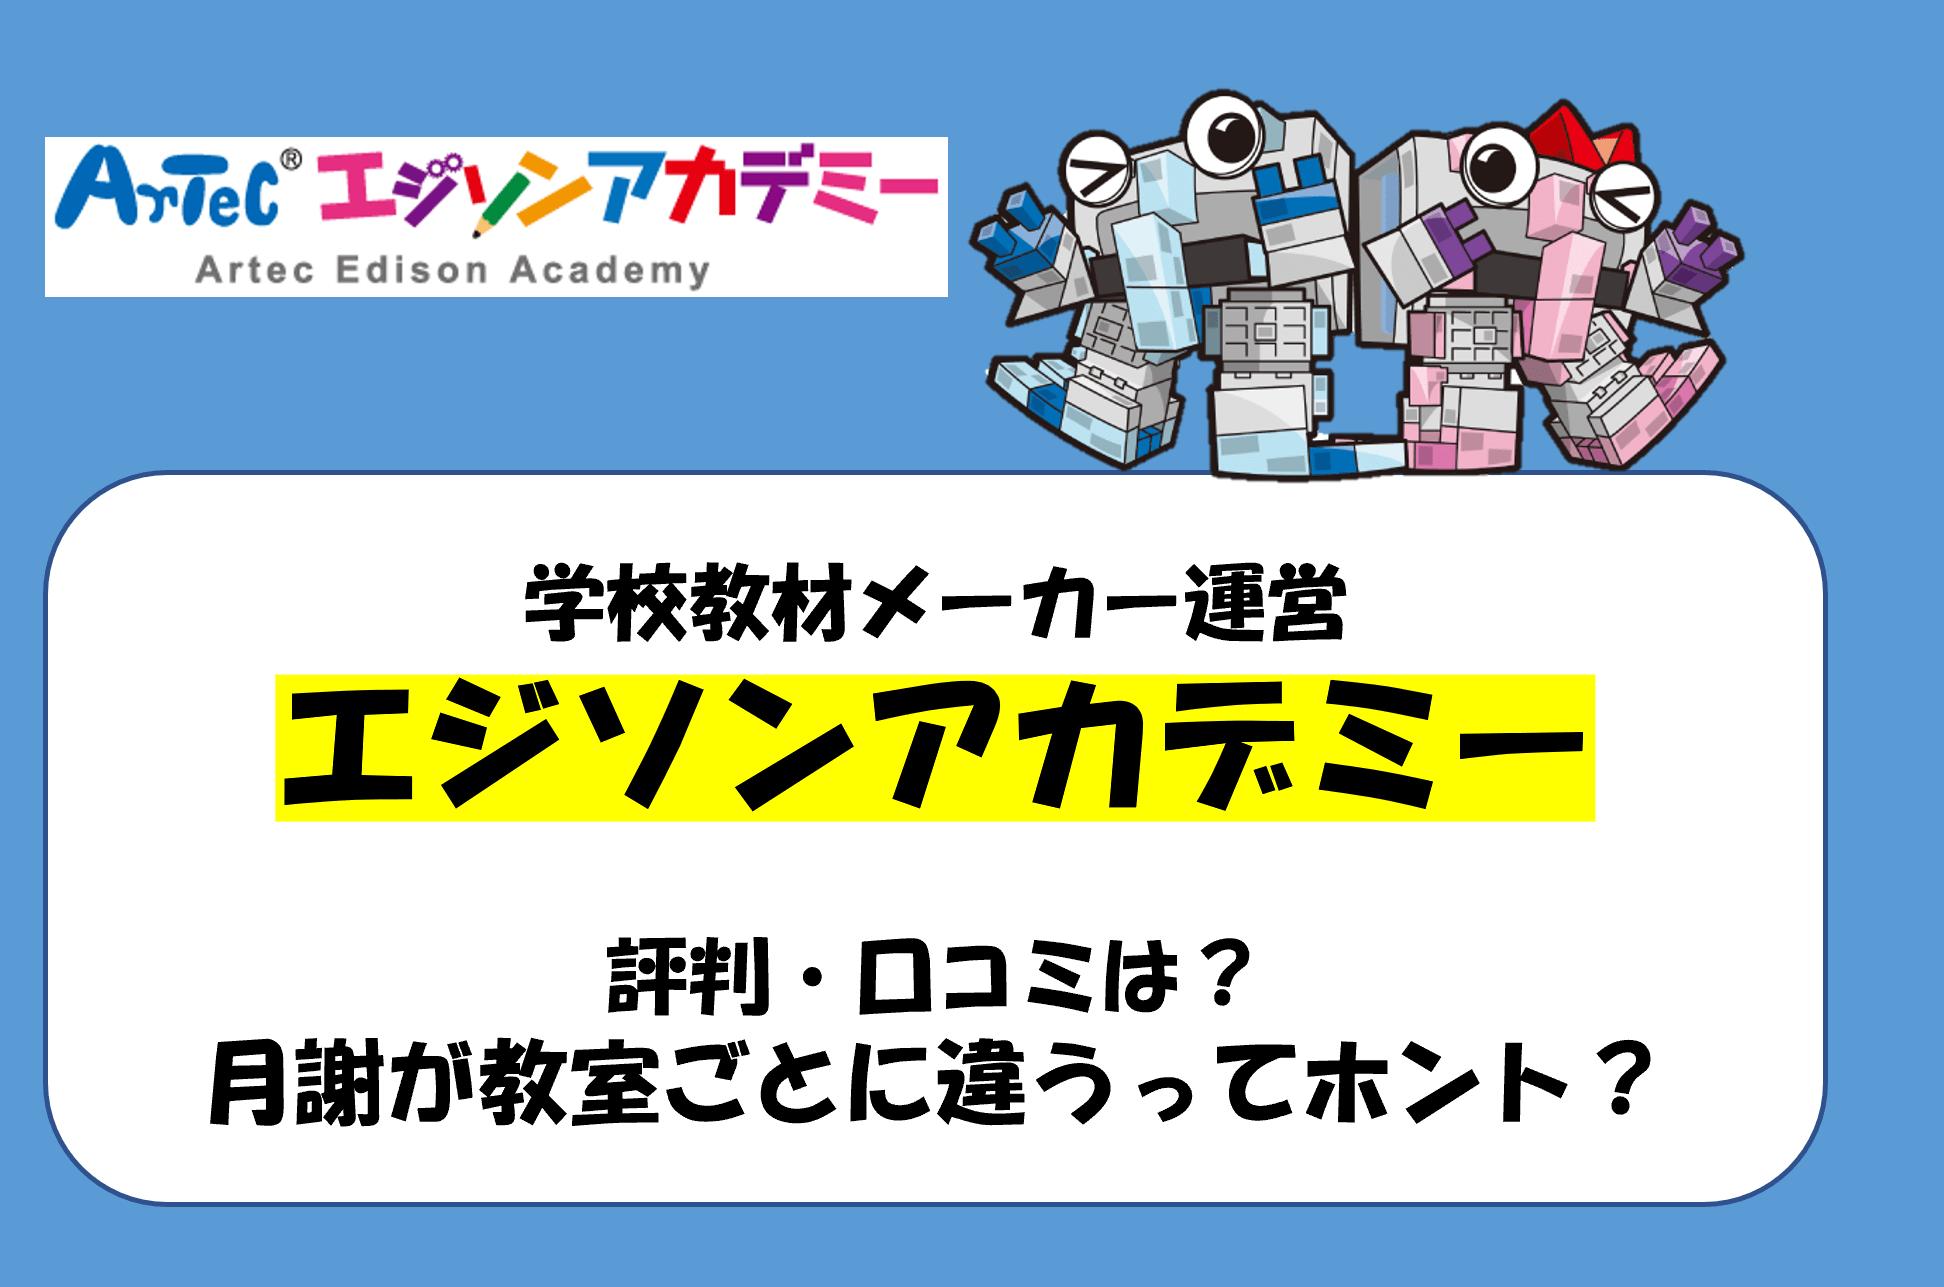 エジソンアカデミーの口コミ・評判|調査結果